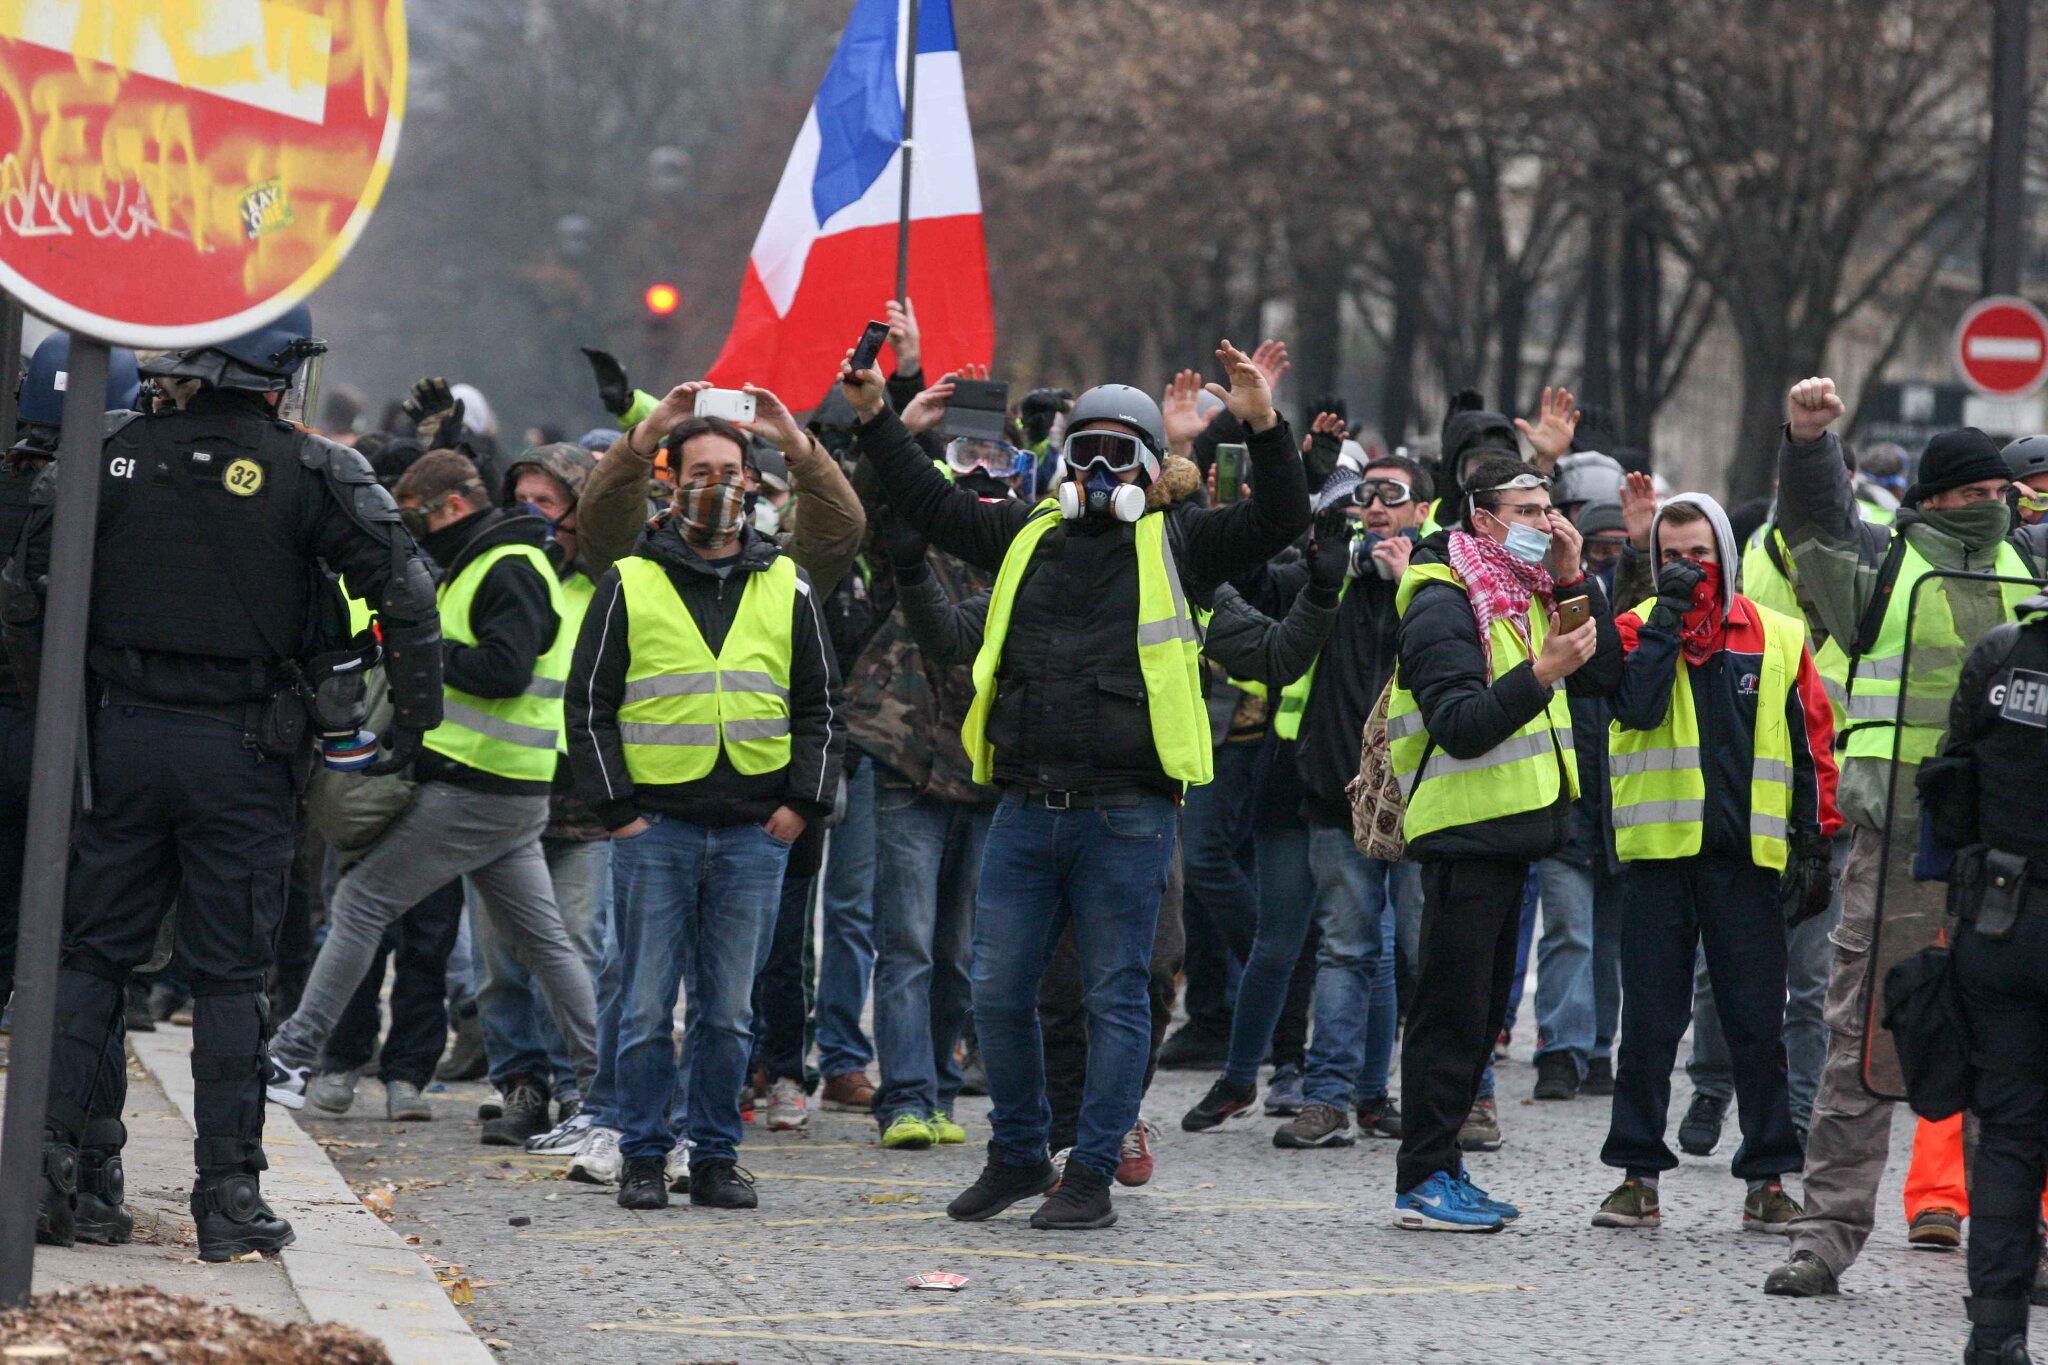 L'Arc de triomphe, terrain d'affrontement entre « gilets jaunes » et policiers. © Michel Stoupak. Sam 01.12.2018, 09h14m15.